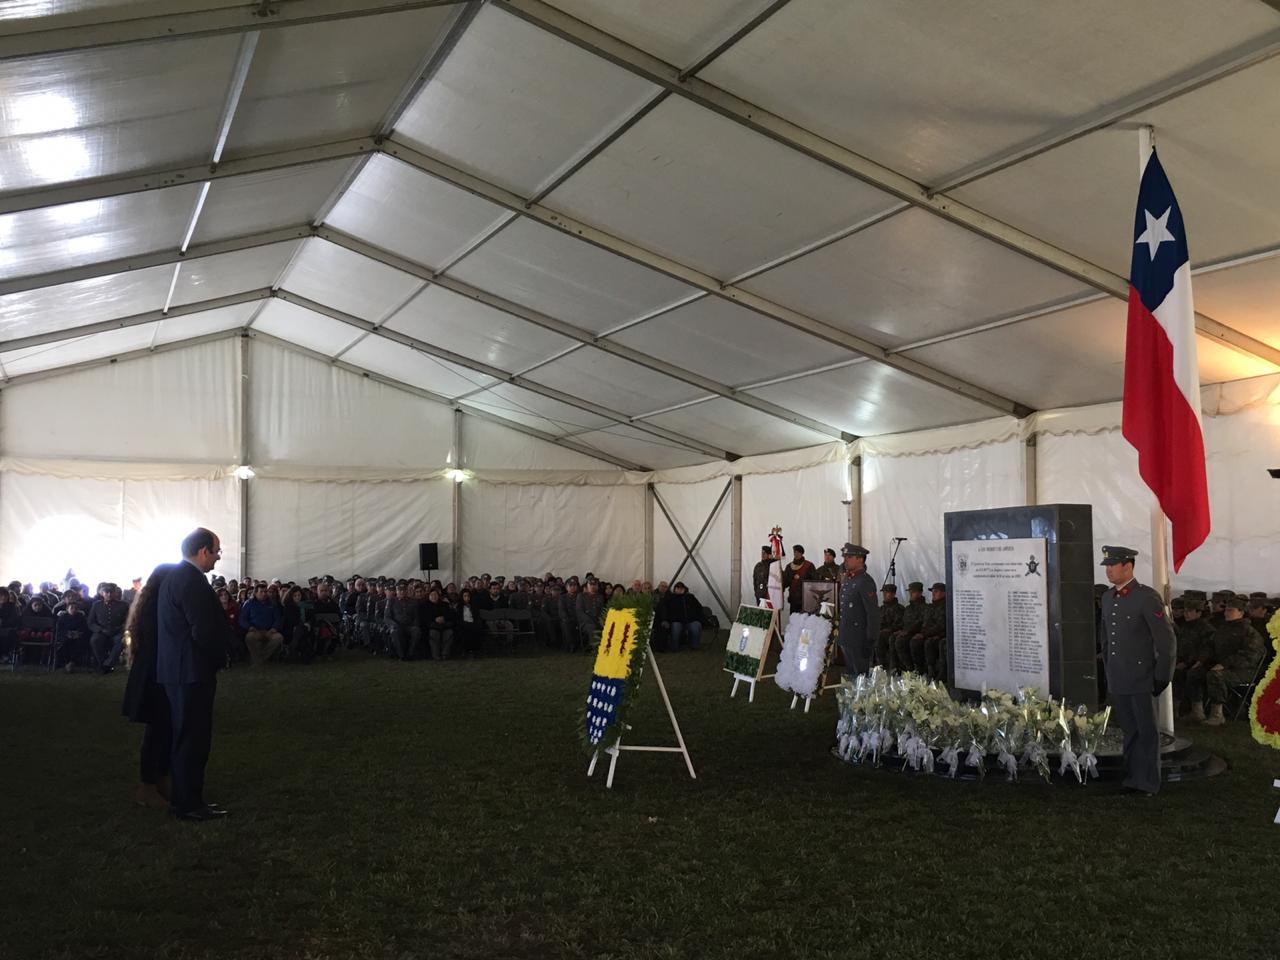 Un sentido Homenaje a los 44 conscriptos y al Sargento fallecido en la tragedia de Antuco del 2005 se llevó a cabo  en el Regimiento de Montaña  de Los Ángeles